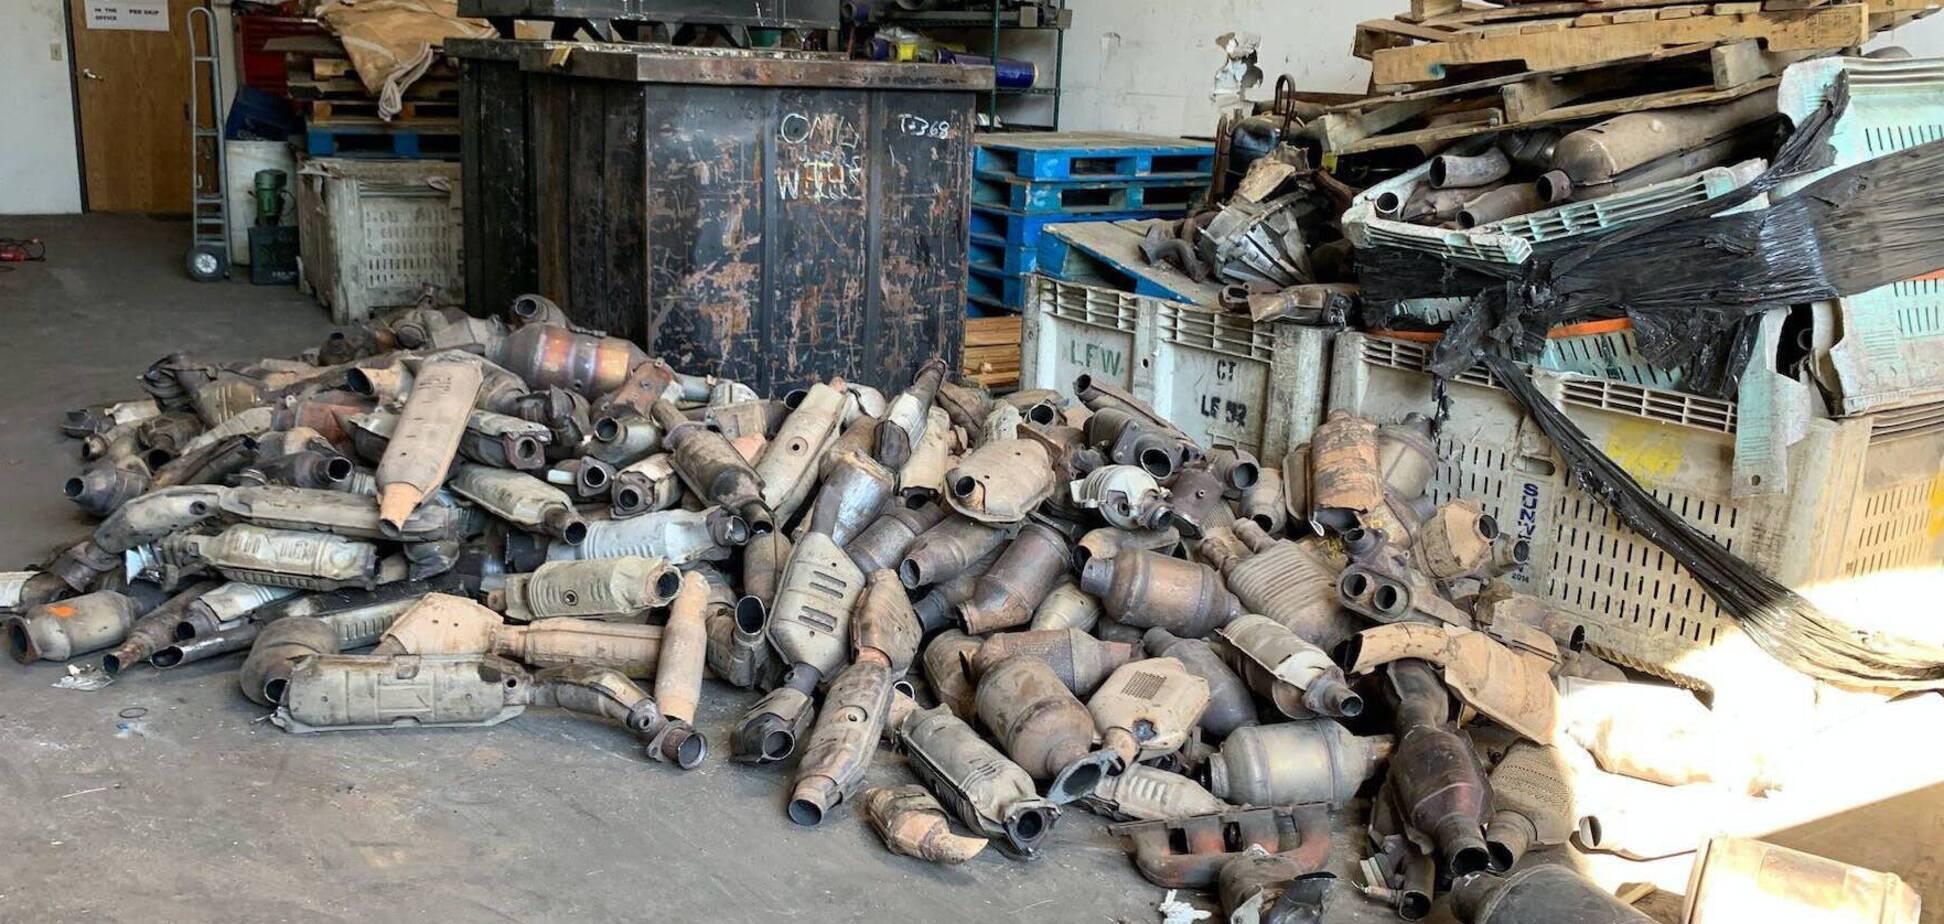 Полиция обнаружила склад с ворованными запчастями. Фото: drom.ru